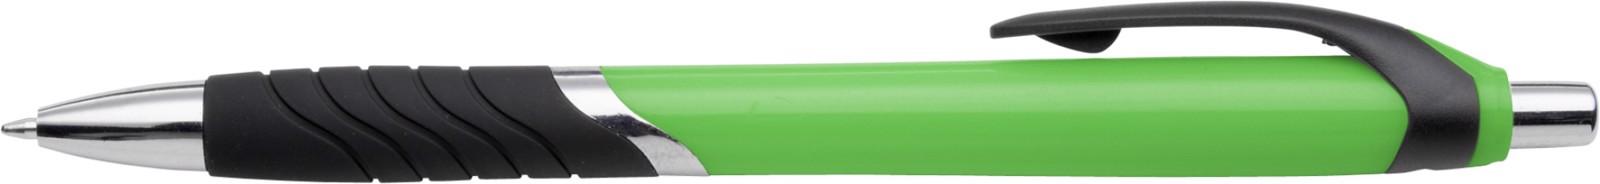 ABS ballpen - Green